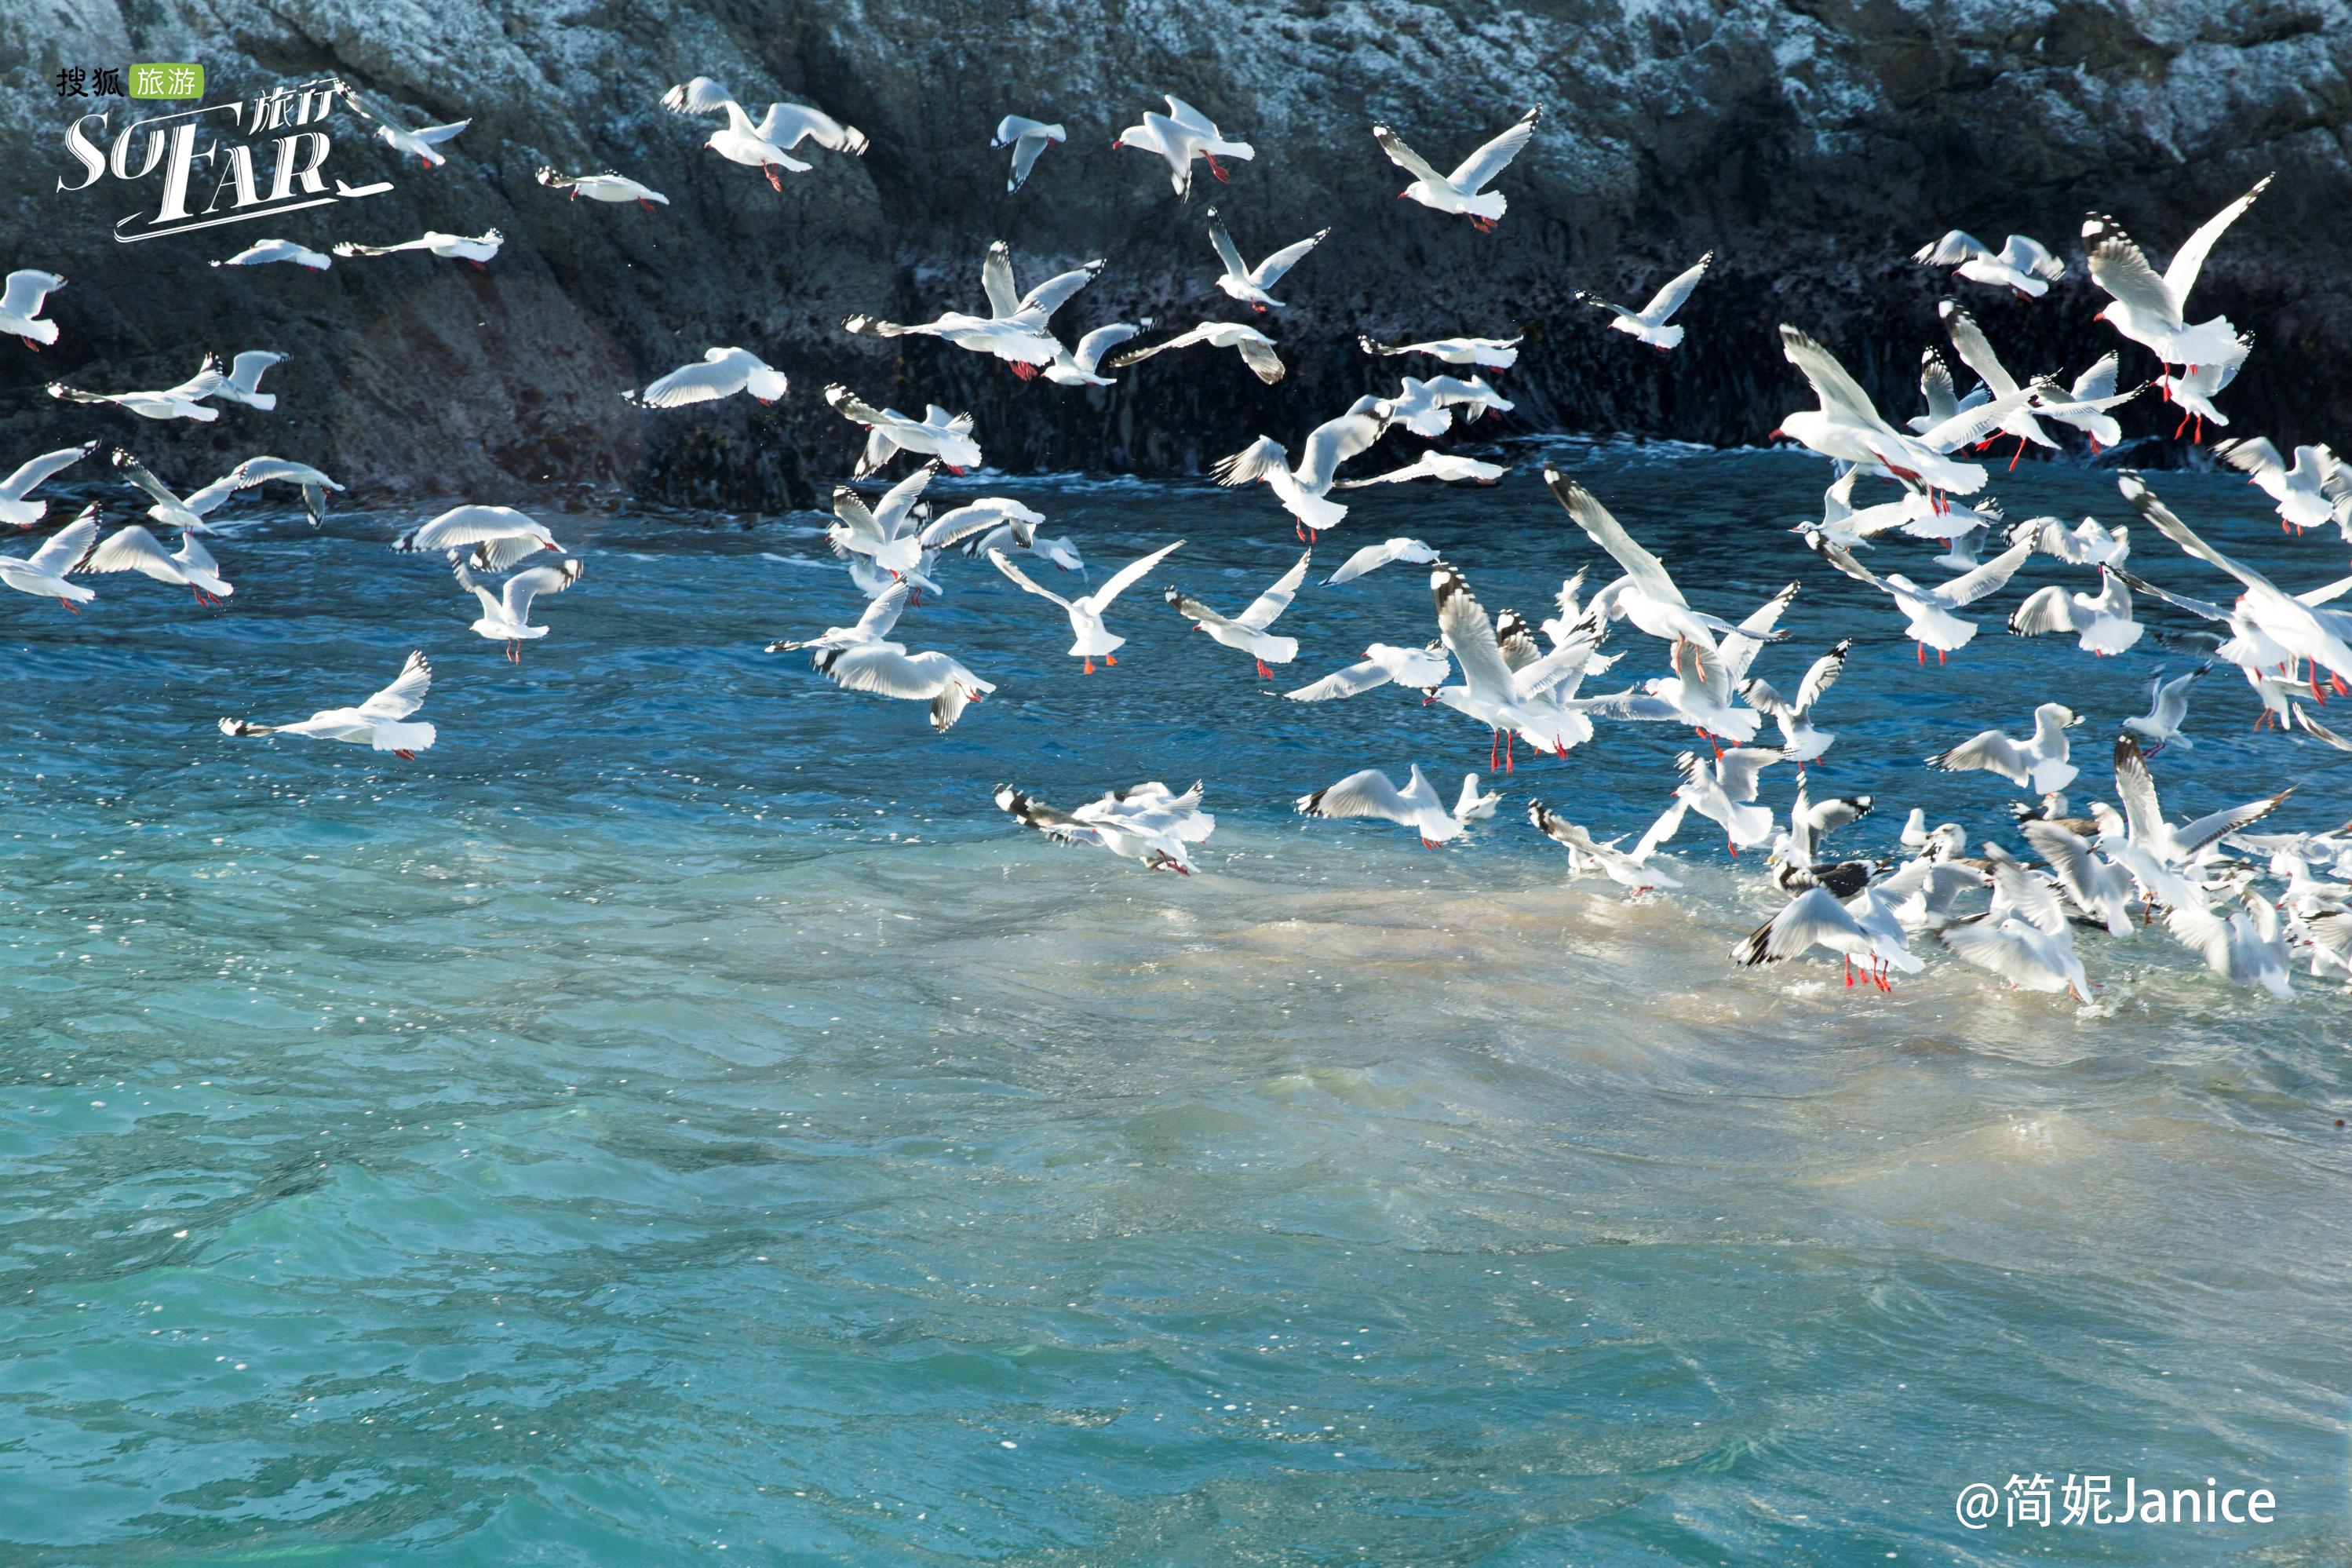 魔幻净土自驾迁移 比影像更美的治愈地——新西兰环岛之旅